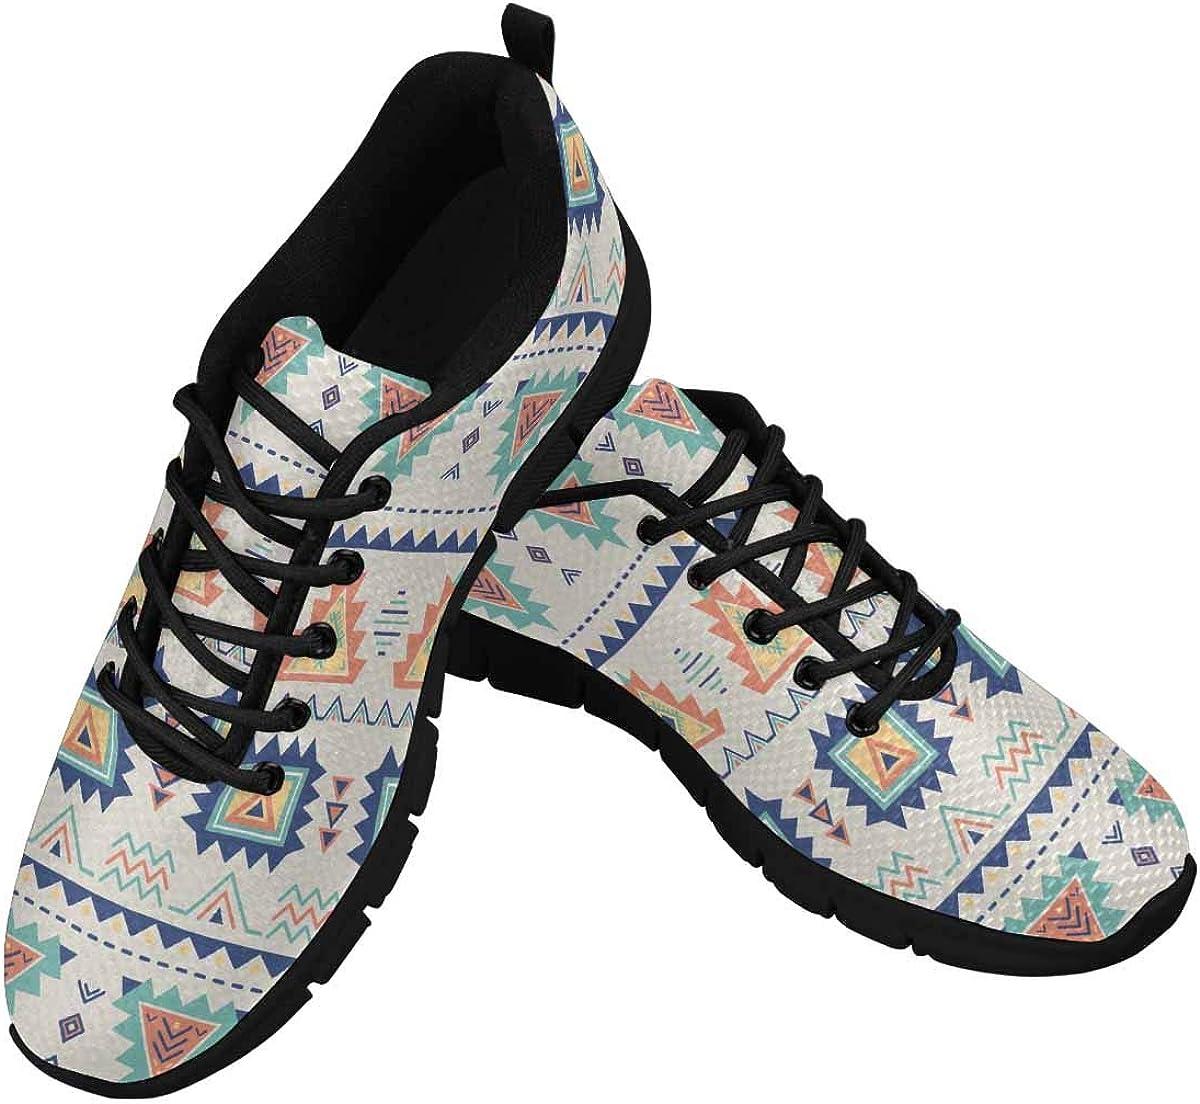 INTERESTPRINT Aztec Ethnic Women's Walking Shoes Lightweight Casual Running Sneakers